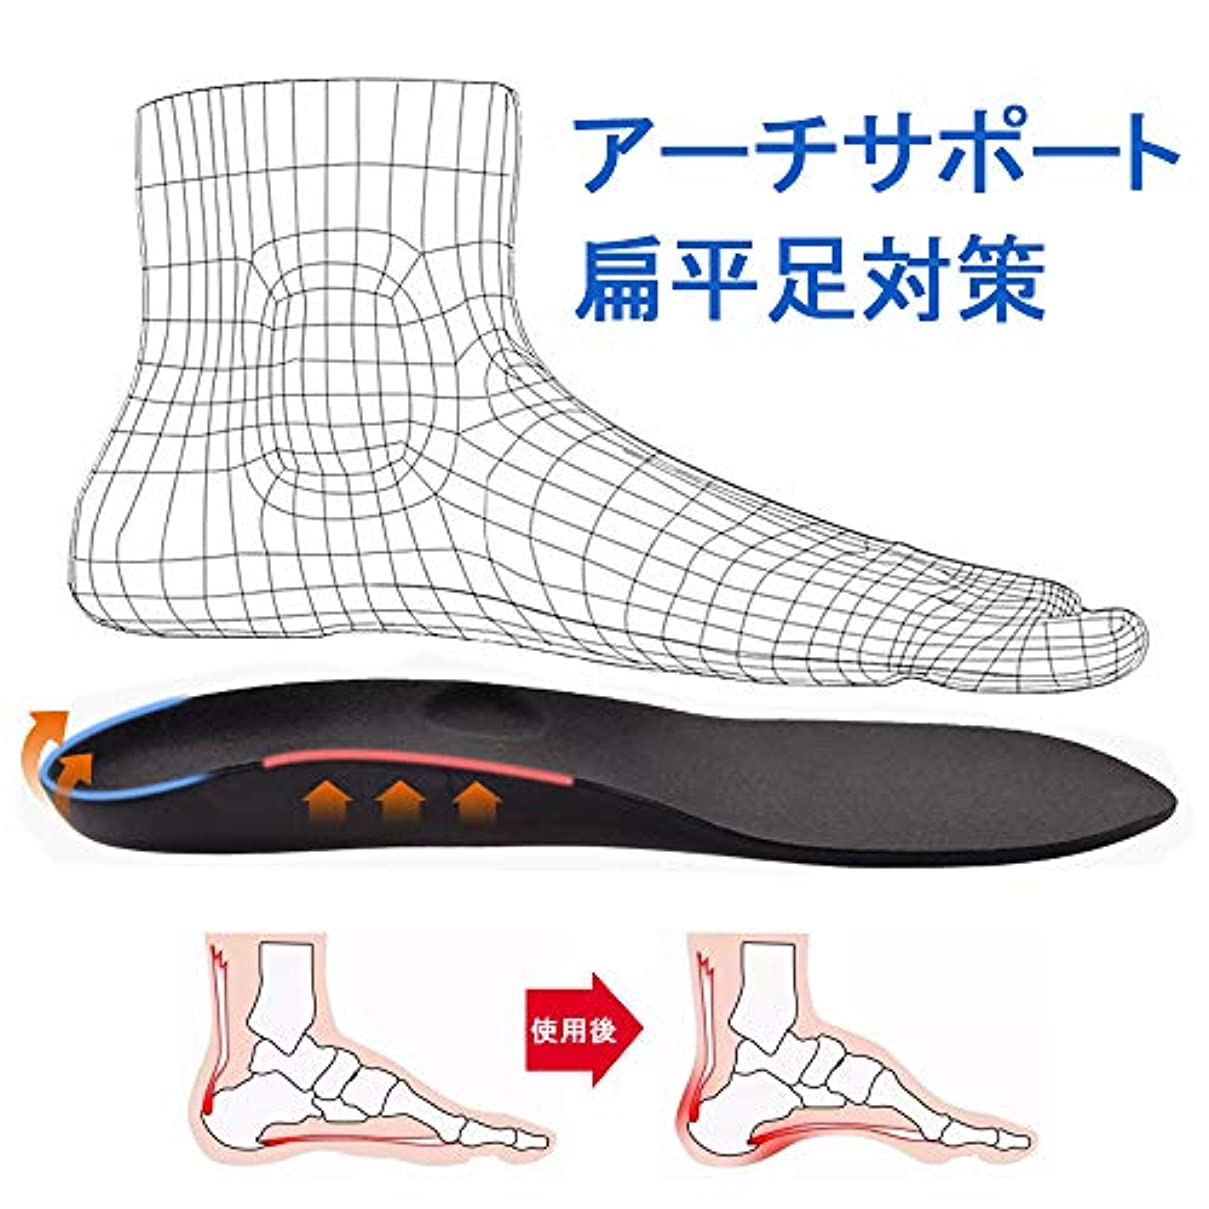 発音ランドリーチーフインソール,扁平足 アーチサポーター 土踏まず 中敷き 衝撃吸収 疲れにくい インソール 偏平足改善 サポーター 足底筋膜炎 アーチ型サポーター かかと 3D立体型サポート歩き姿勢矯正 痛み緩和